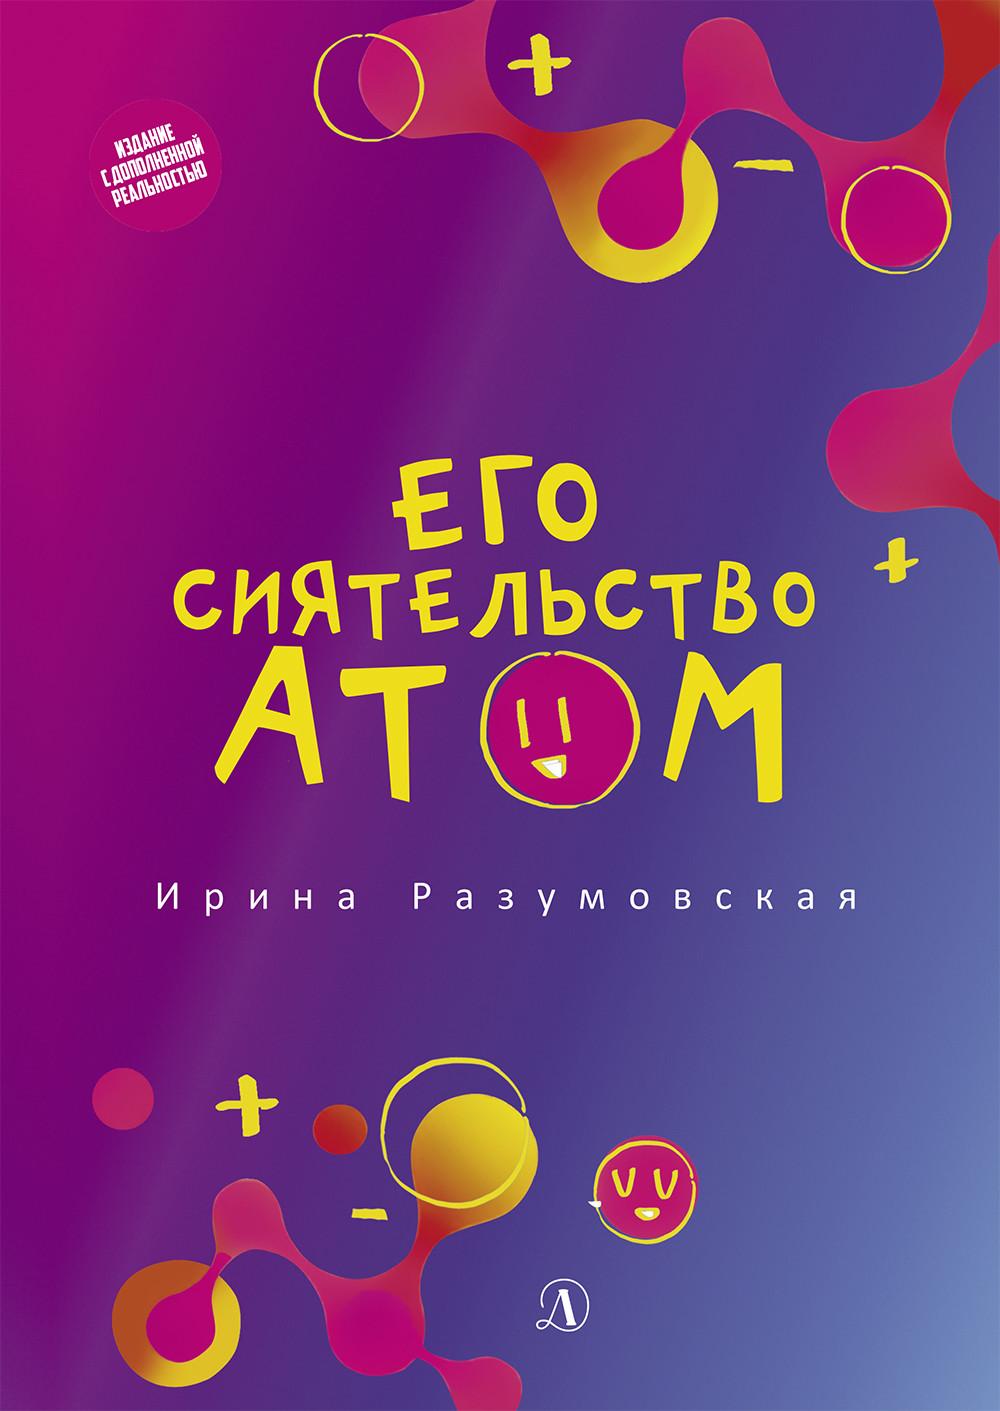 Его сиятельство атом